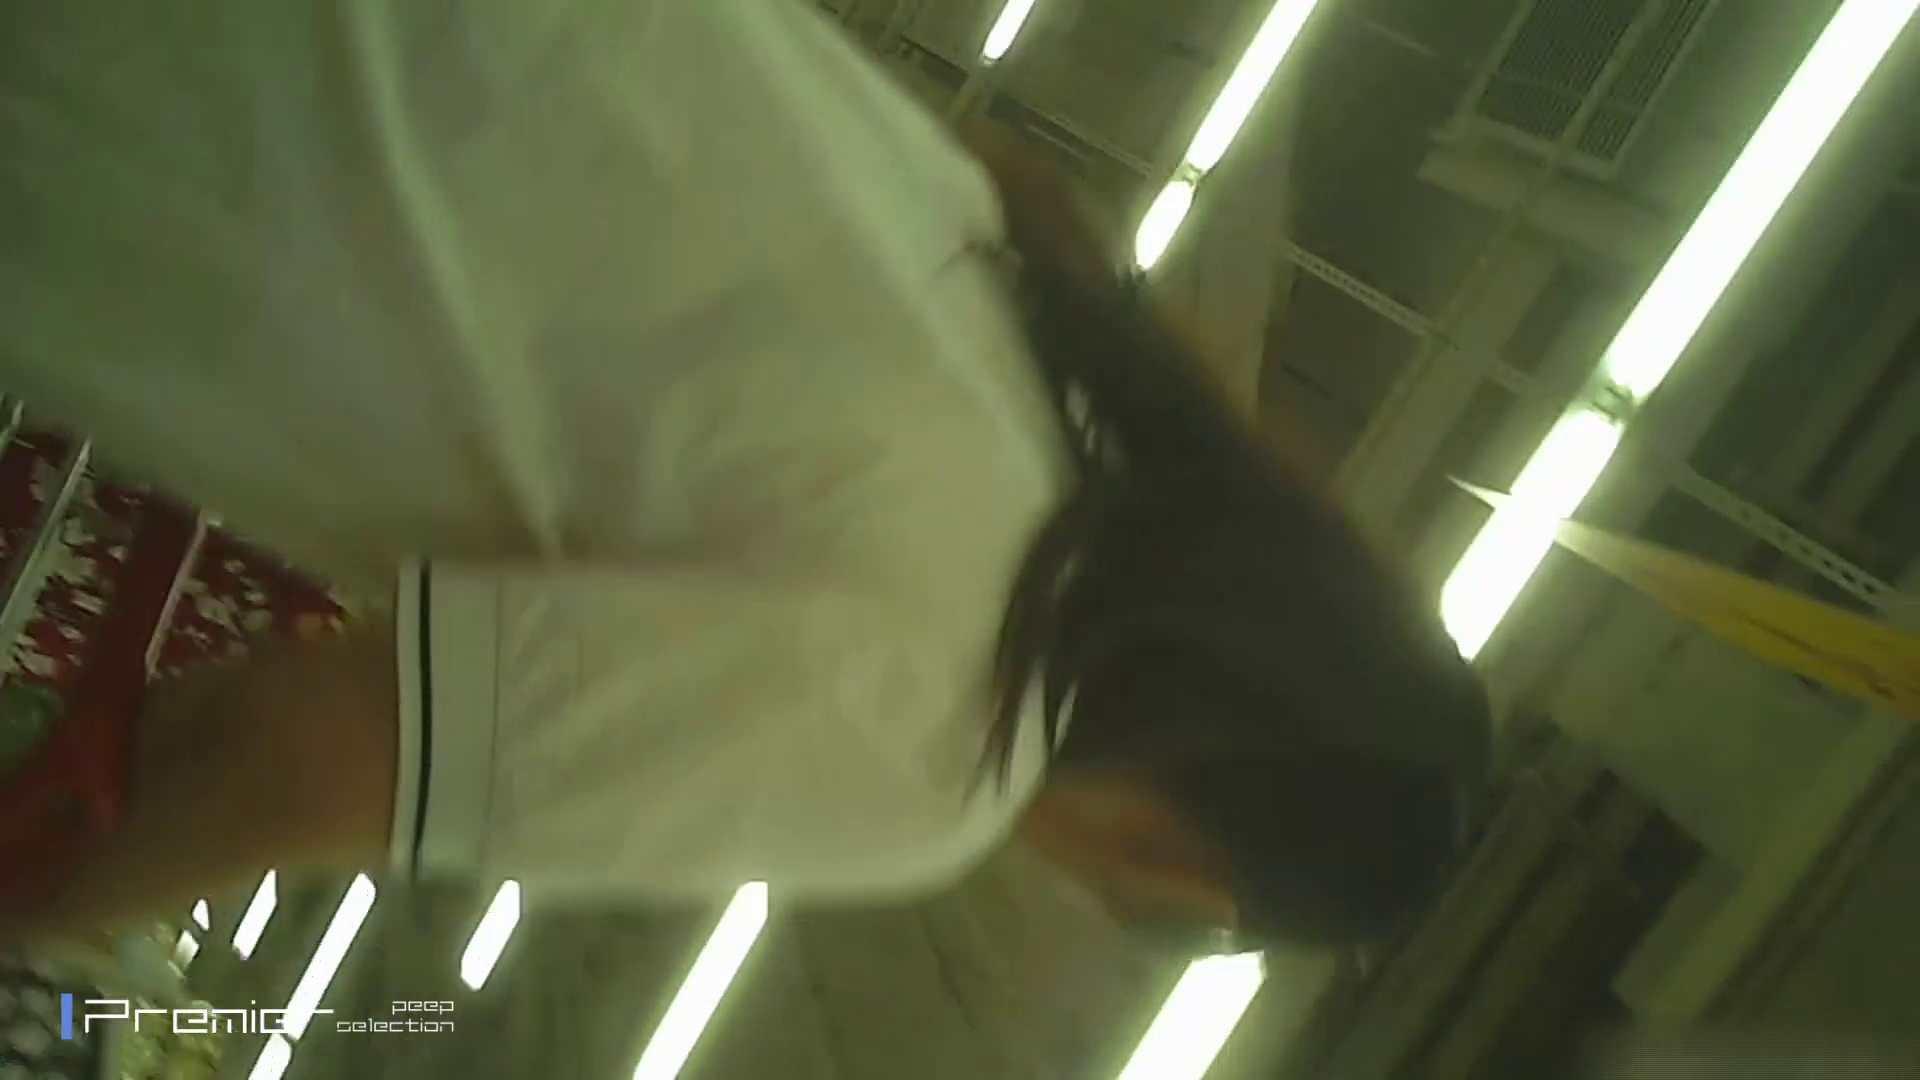 ギャルのパンチラ 美女の痴態に密着!Vol.15 盗撮 エロ無料画像 105pic 66